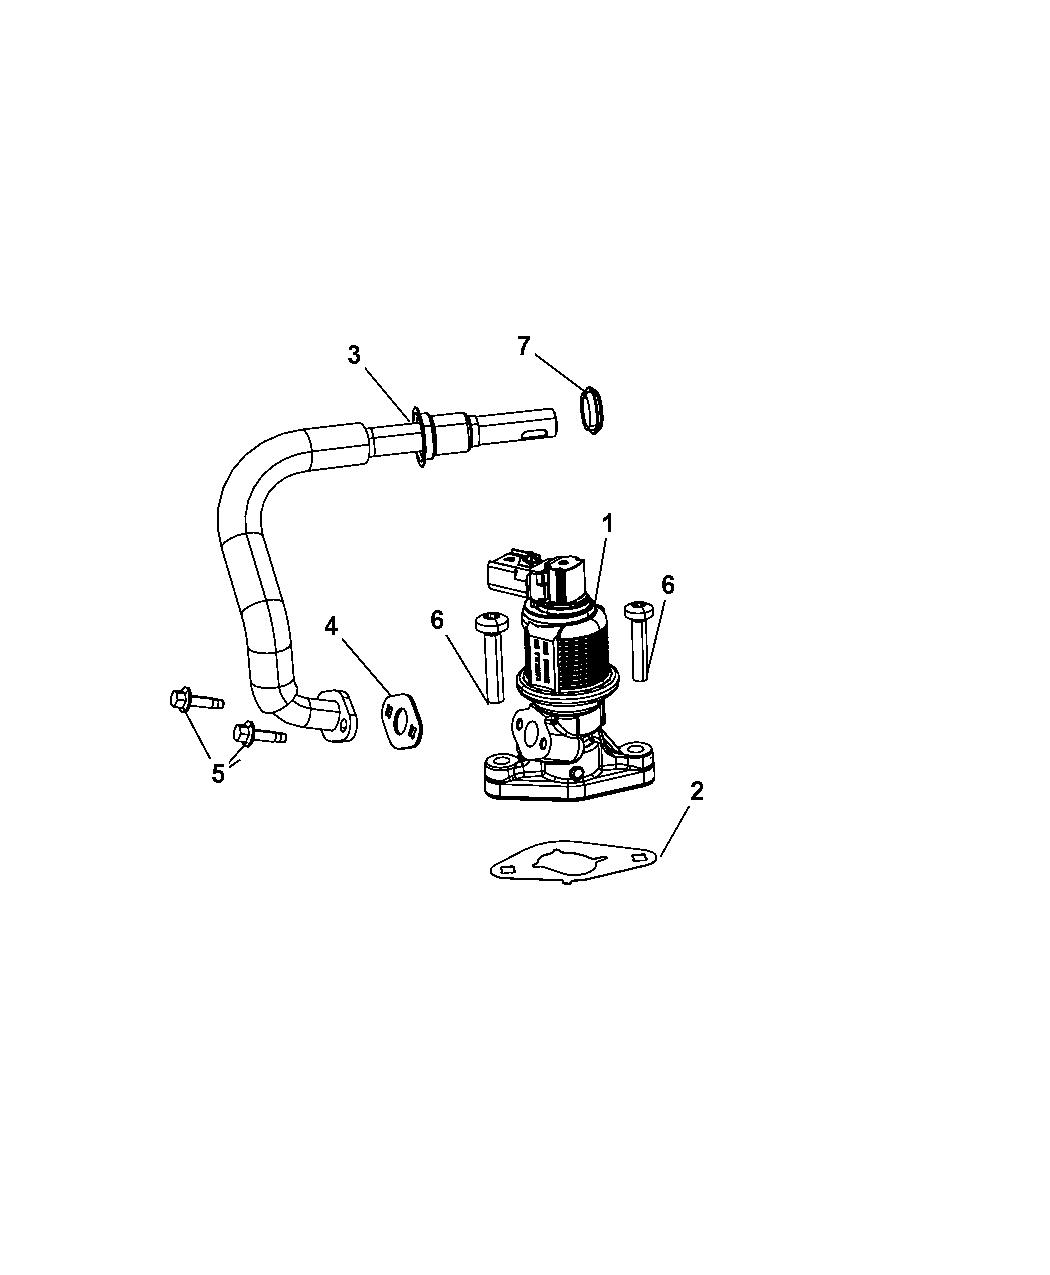 2008 jeep liberty egr valve